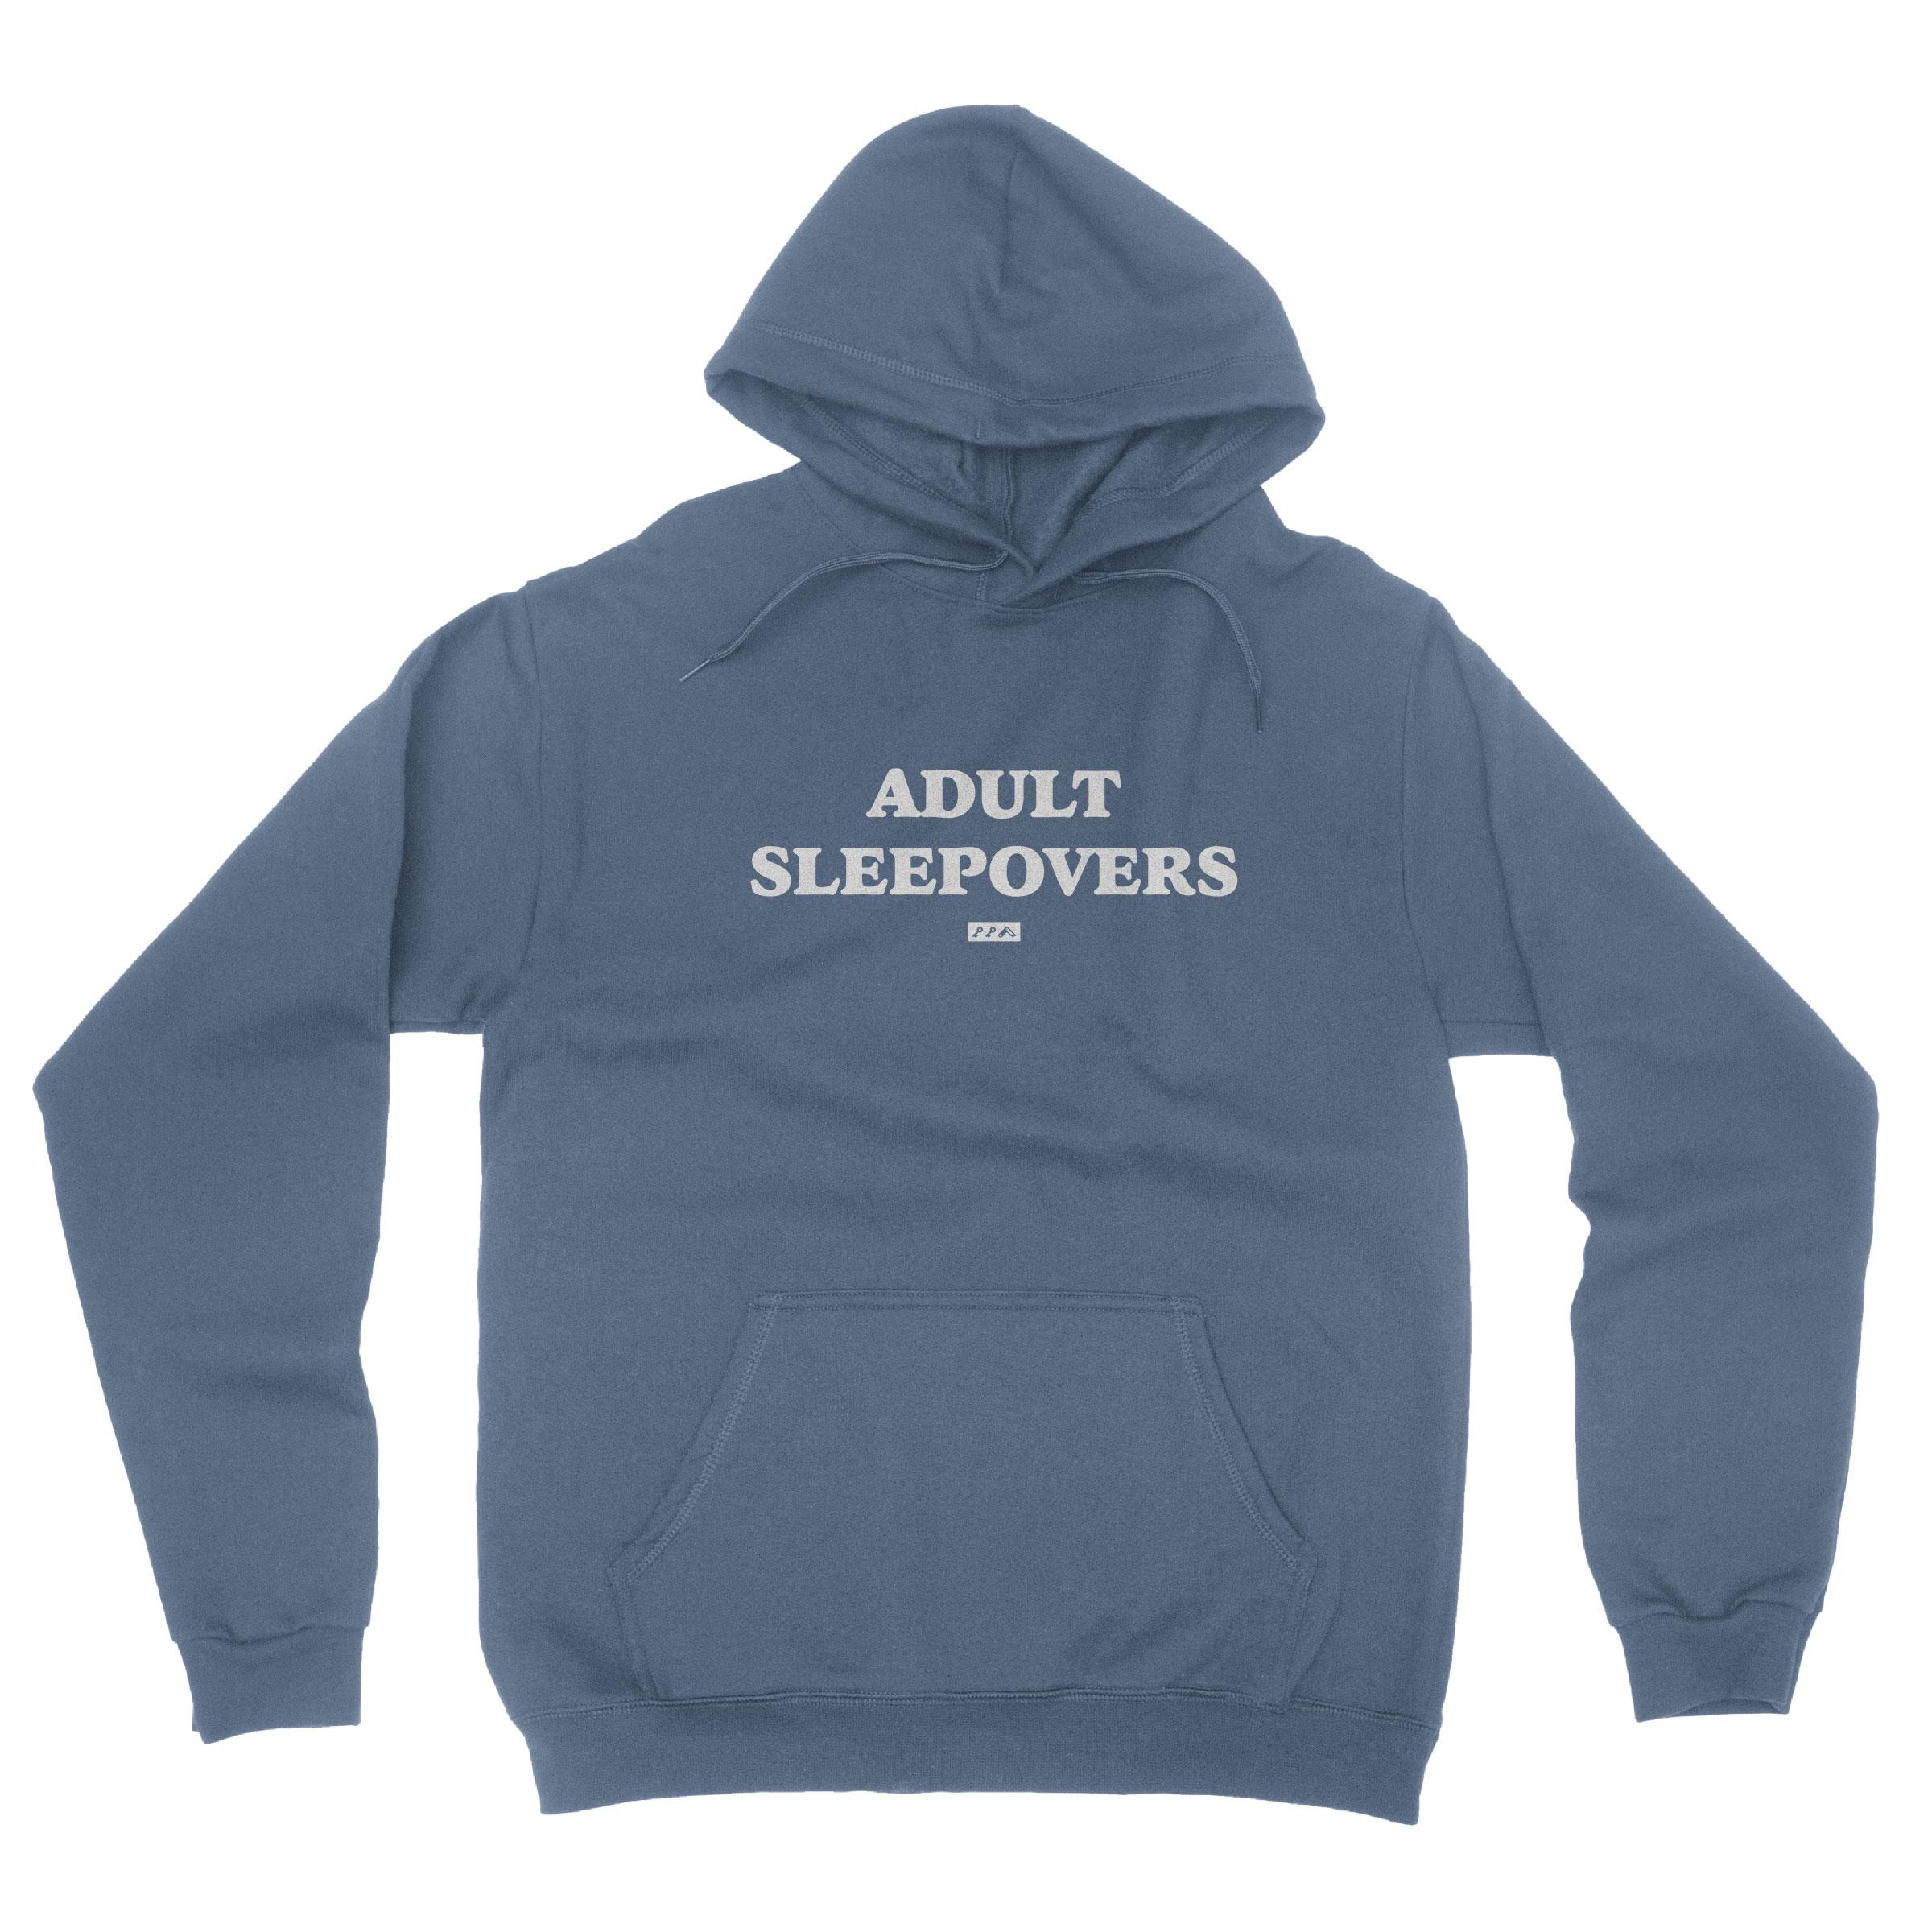 ADULT SLEEPOVERS funny adult hoodie sweatshirts in indigo